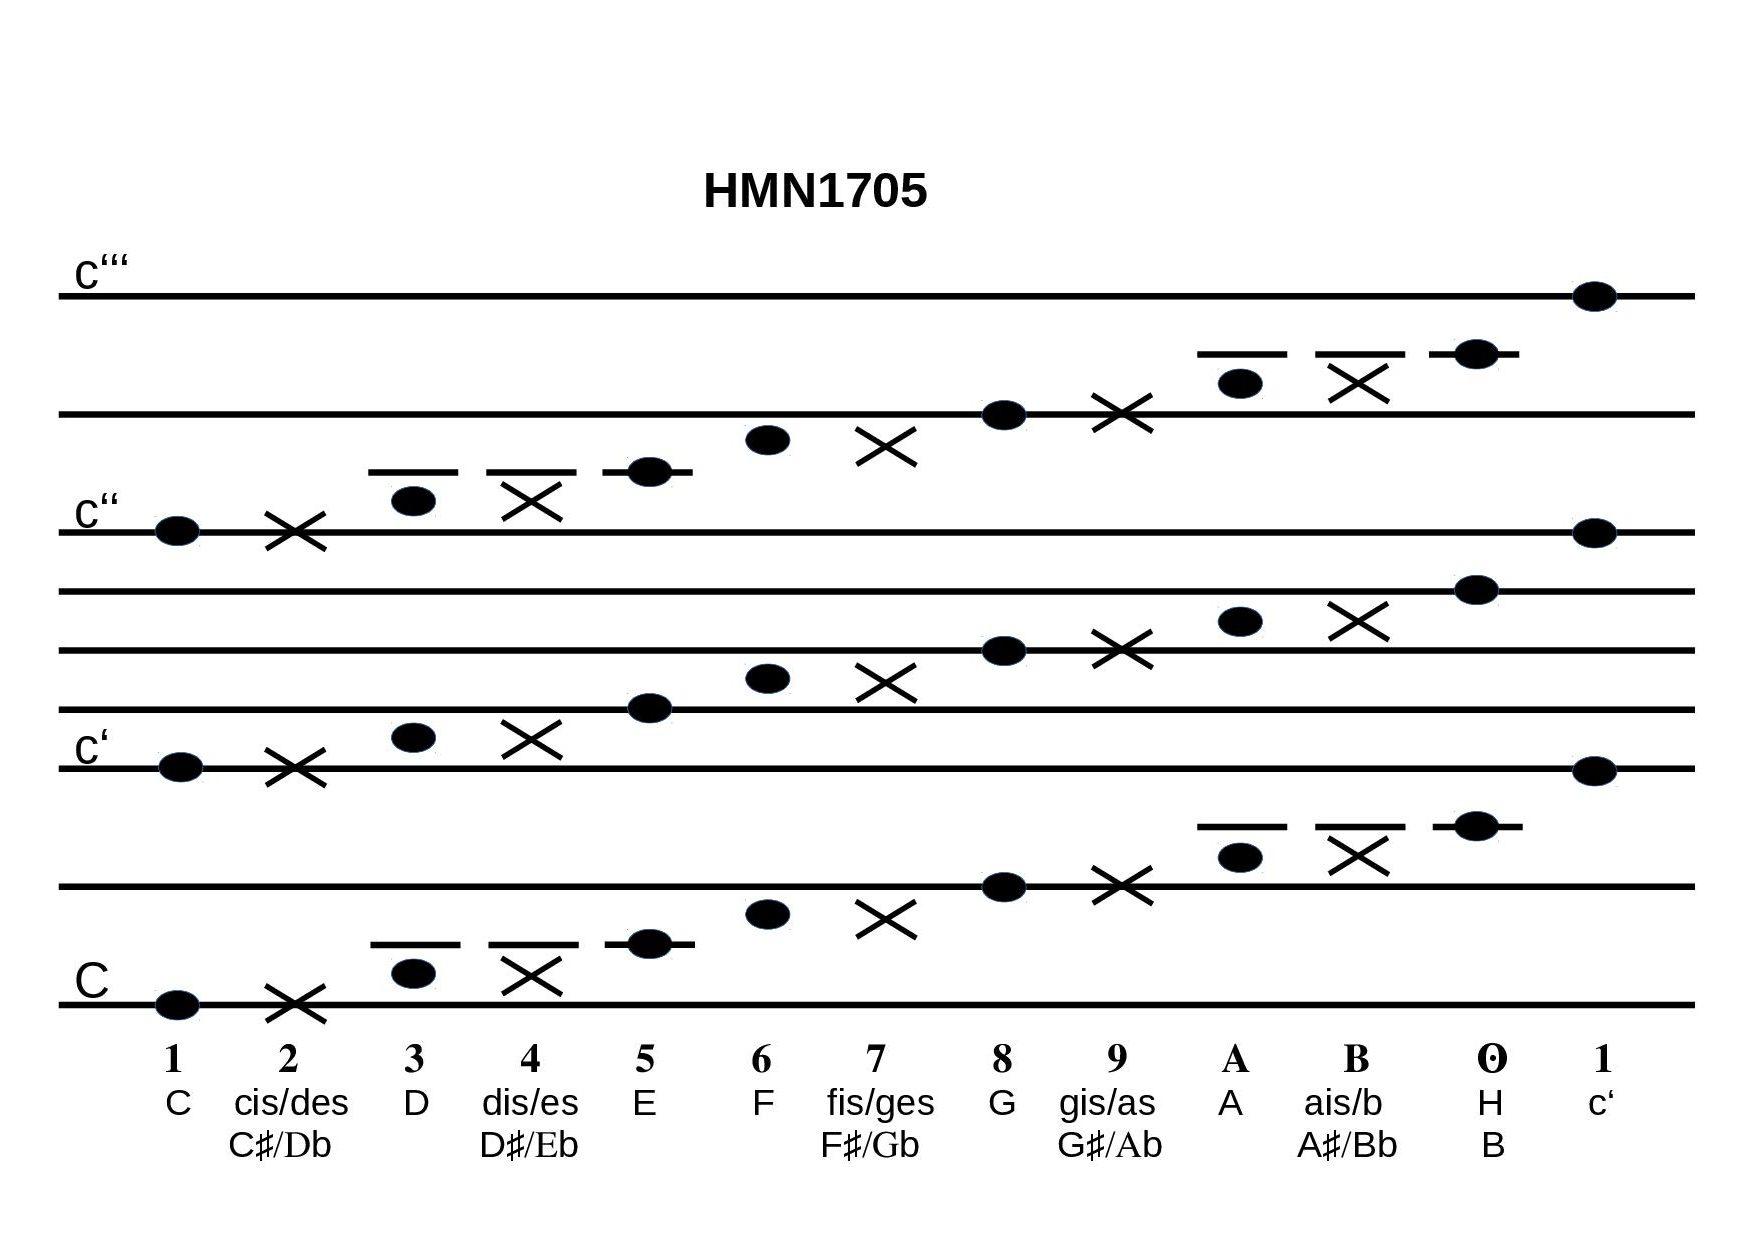 hamburgmusicnotation | numbered alternative notation for music jianpu